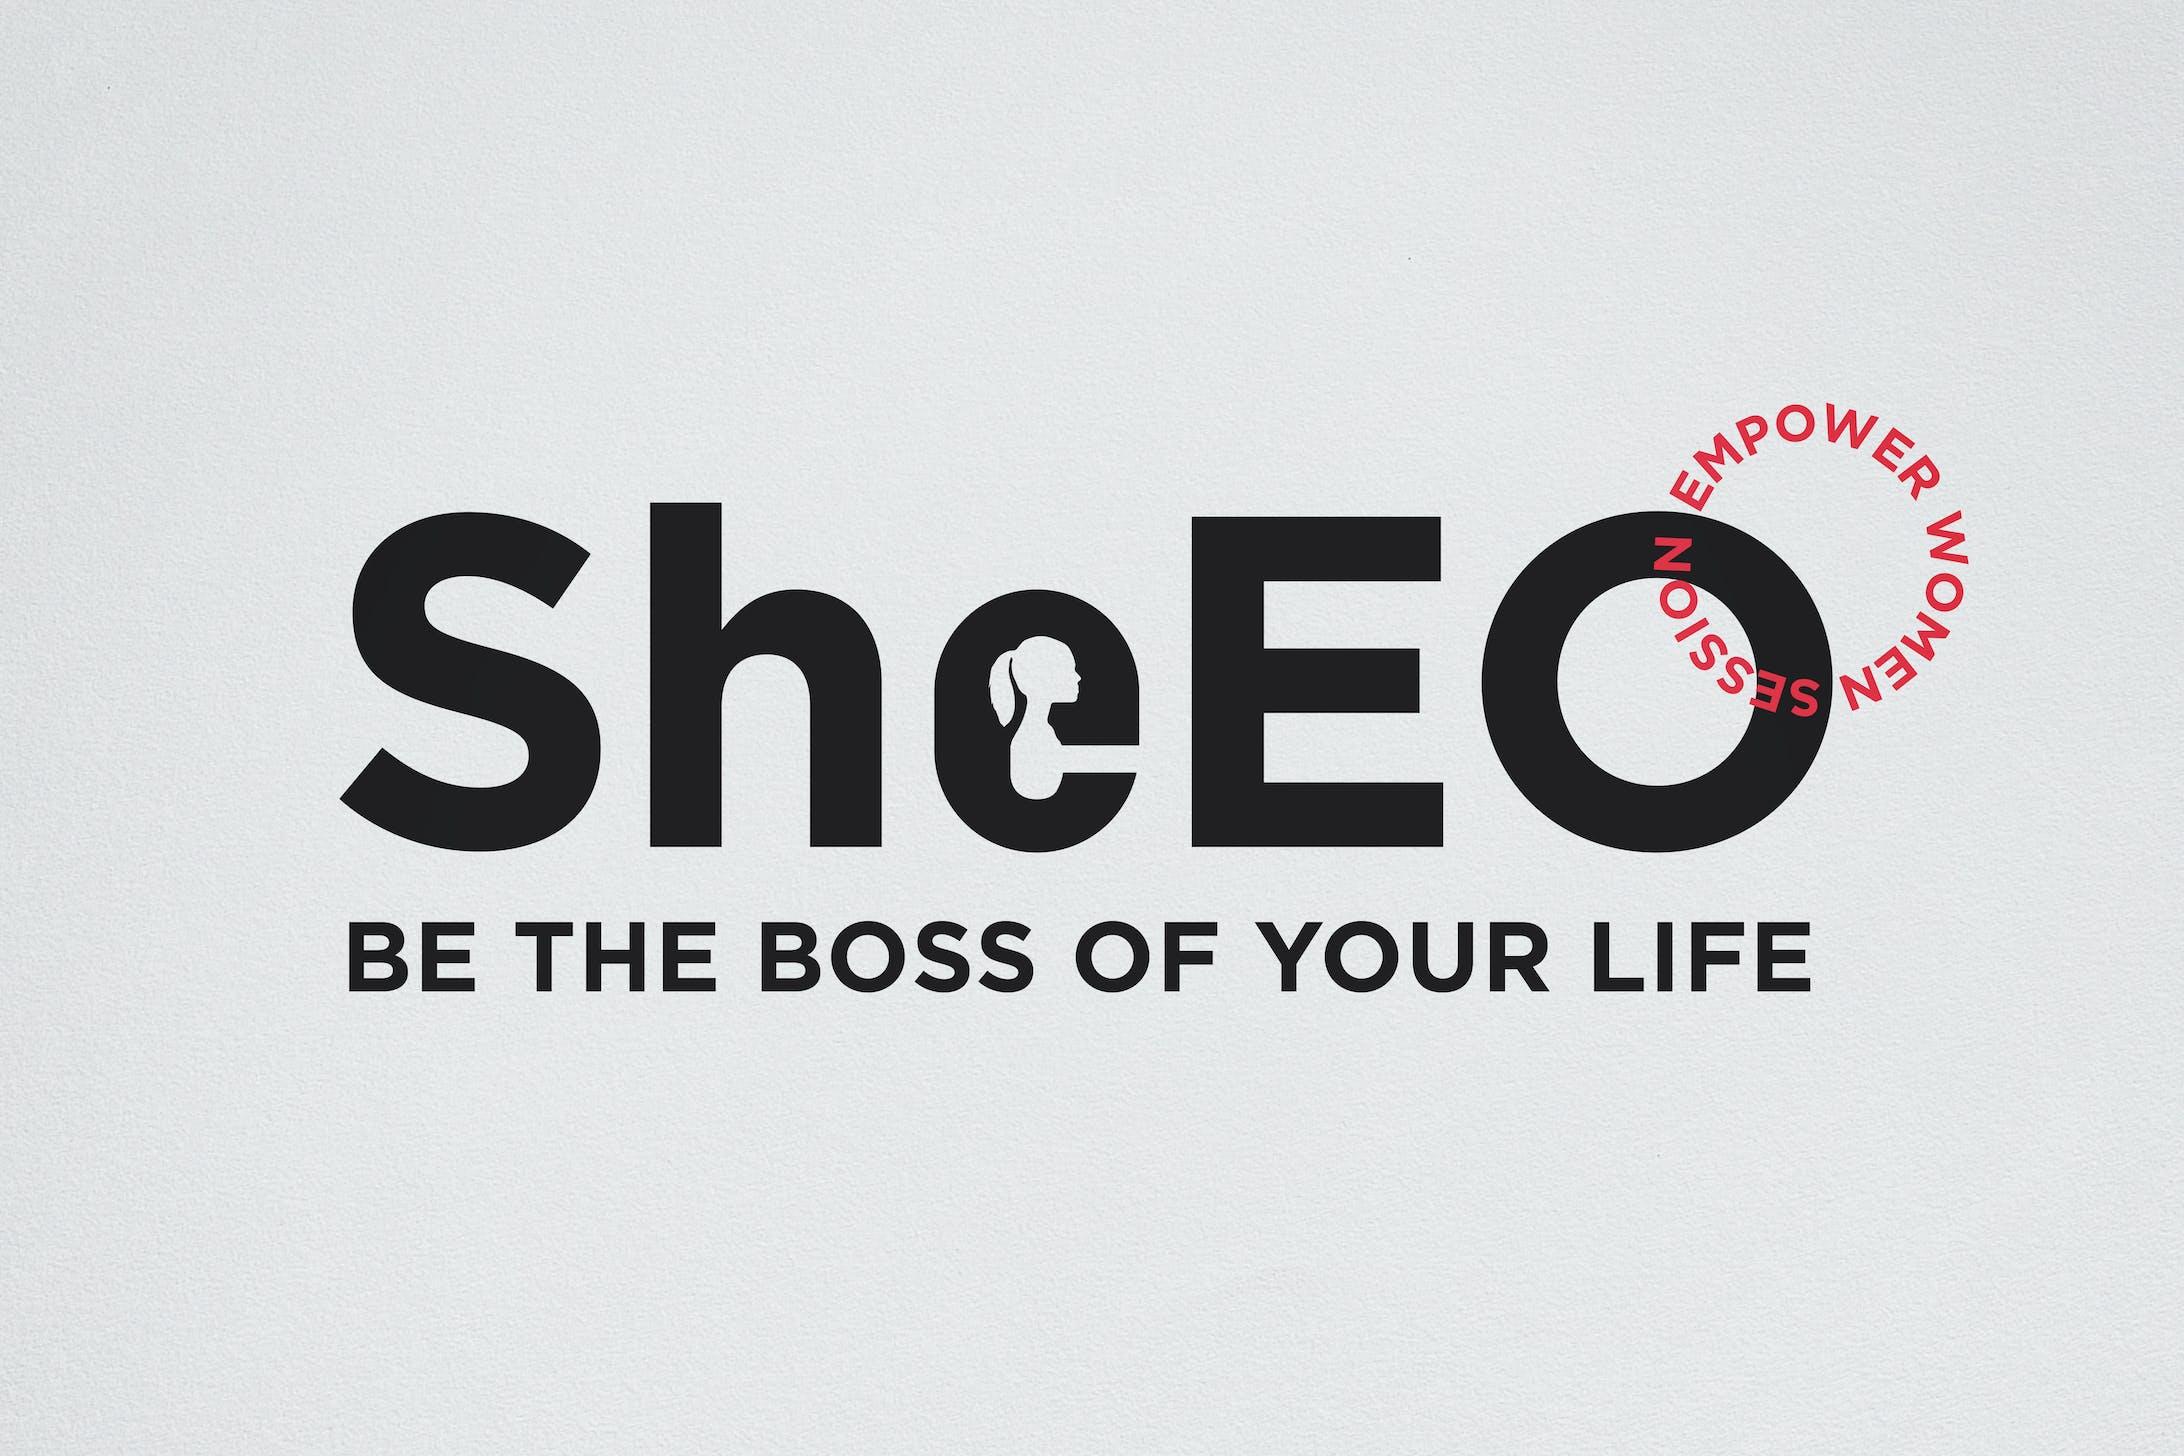 Shiubya-ku & meeTalk『SheEO – BE THE BOSS OF YOUR LIFE』-3